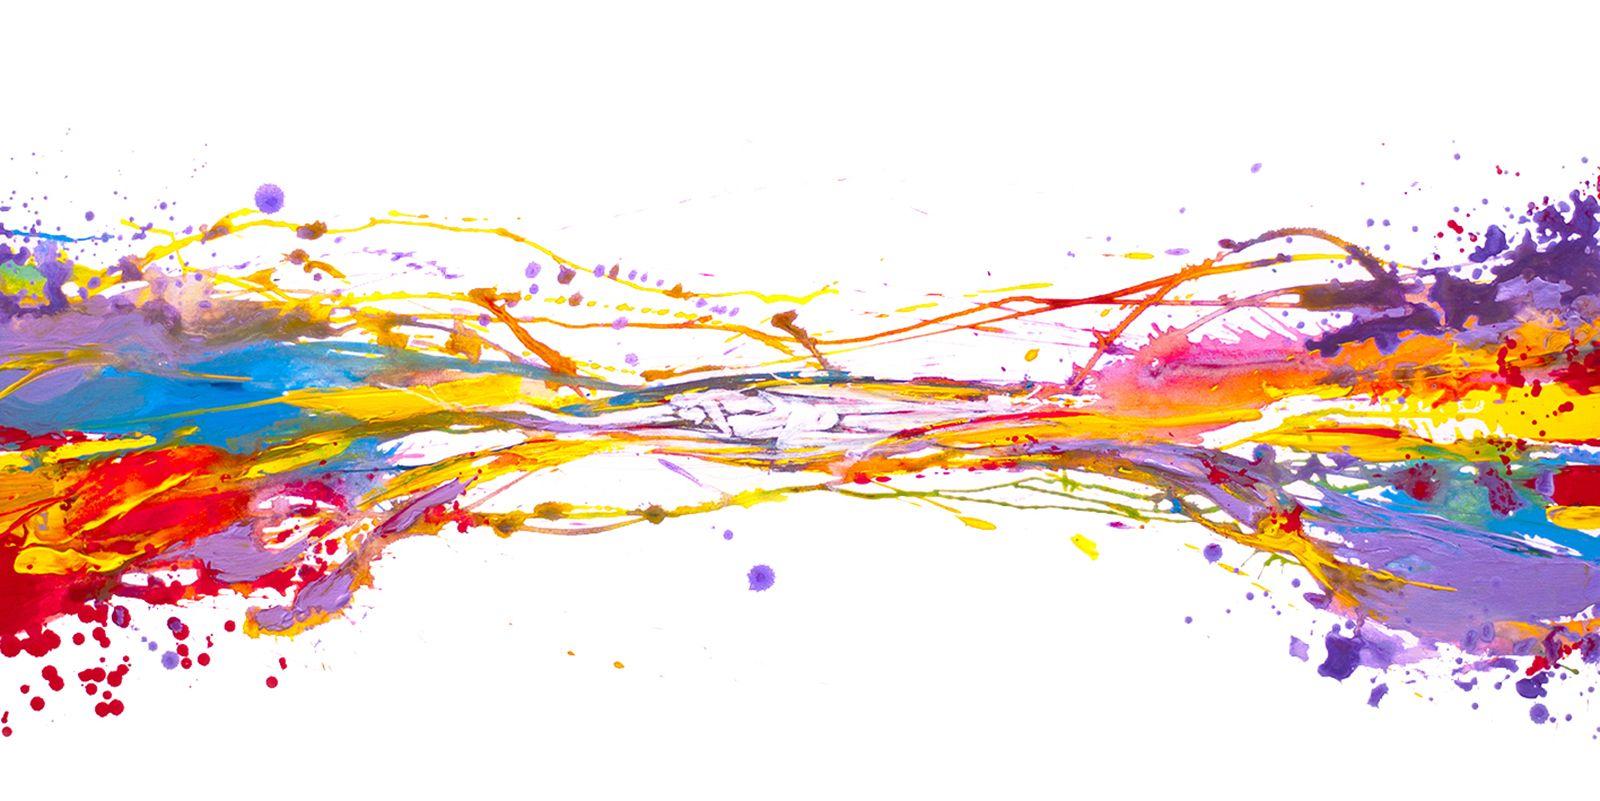 Colours - Domenico Velletri www.velletridomenico.it